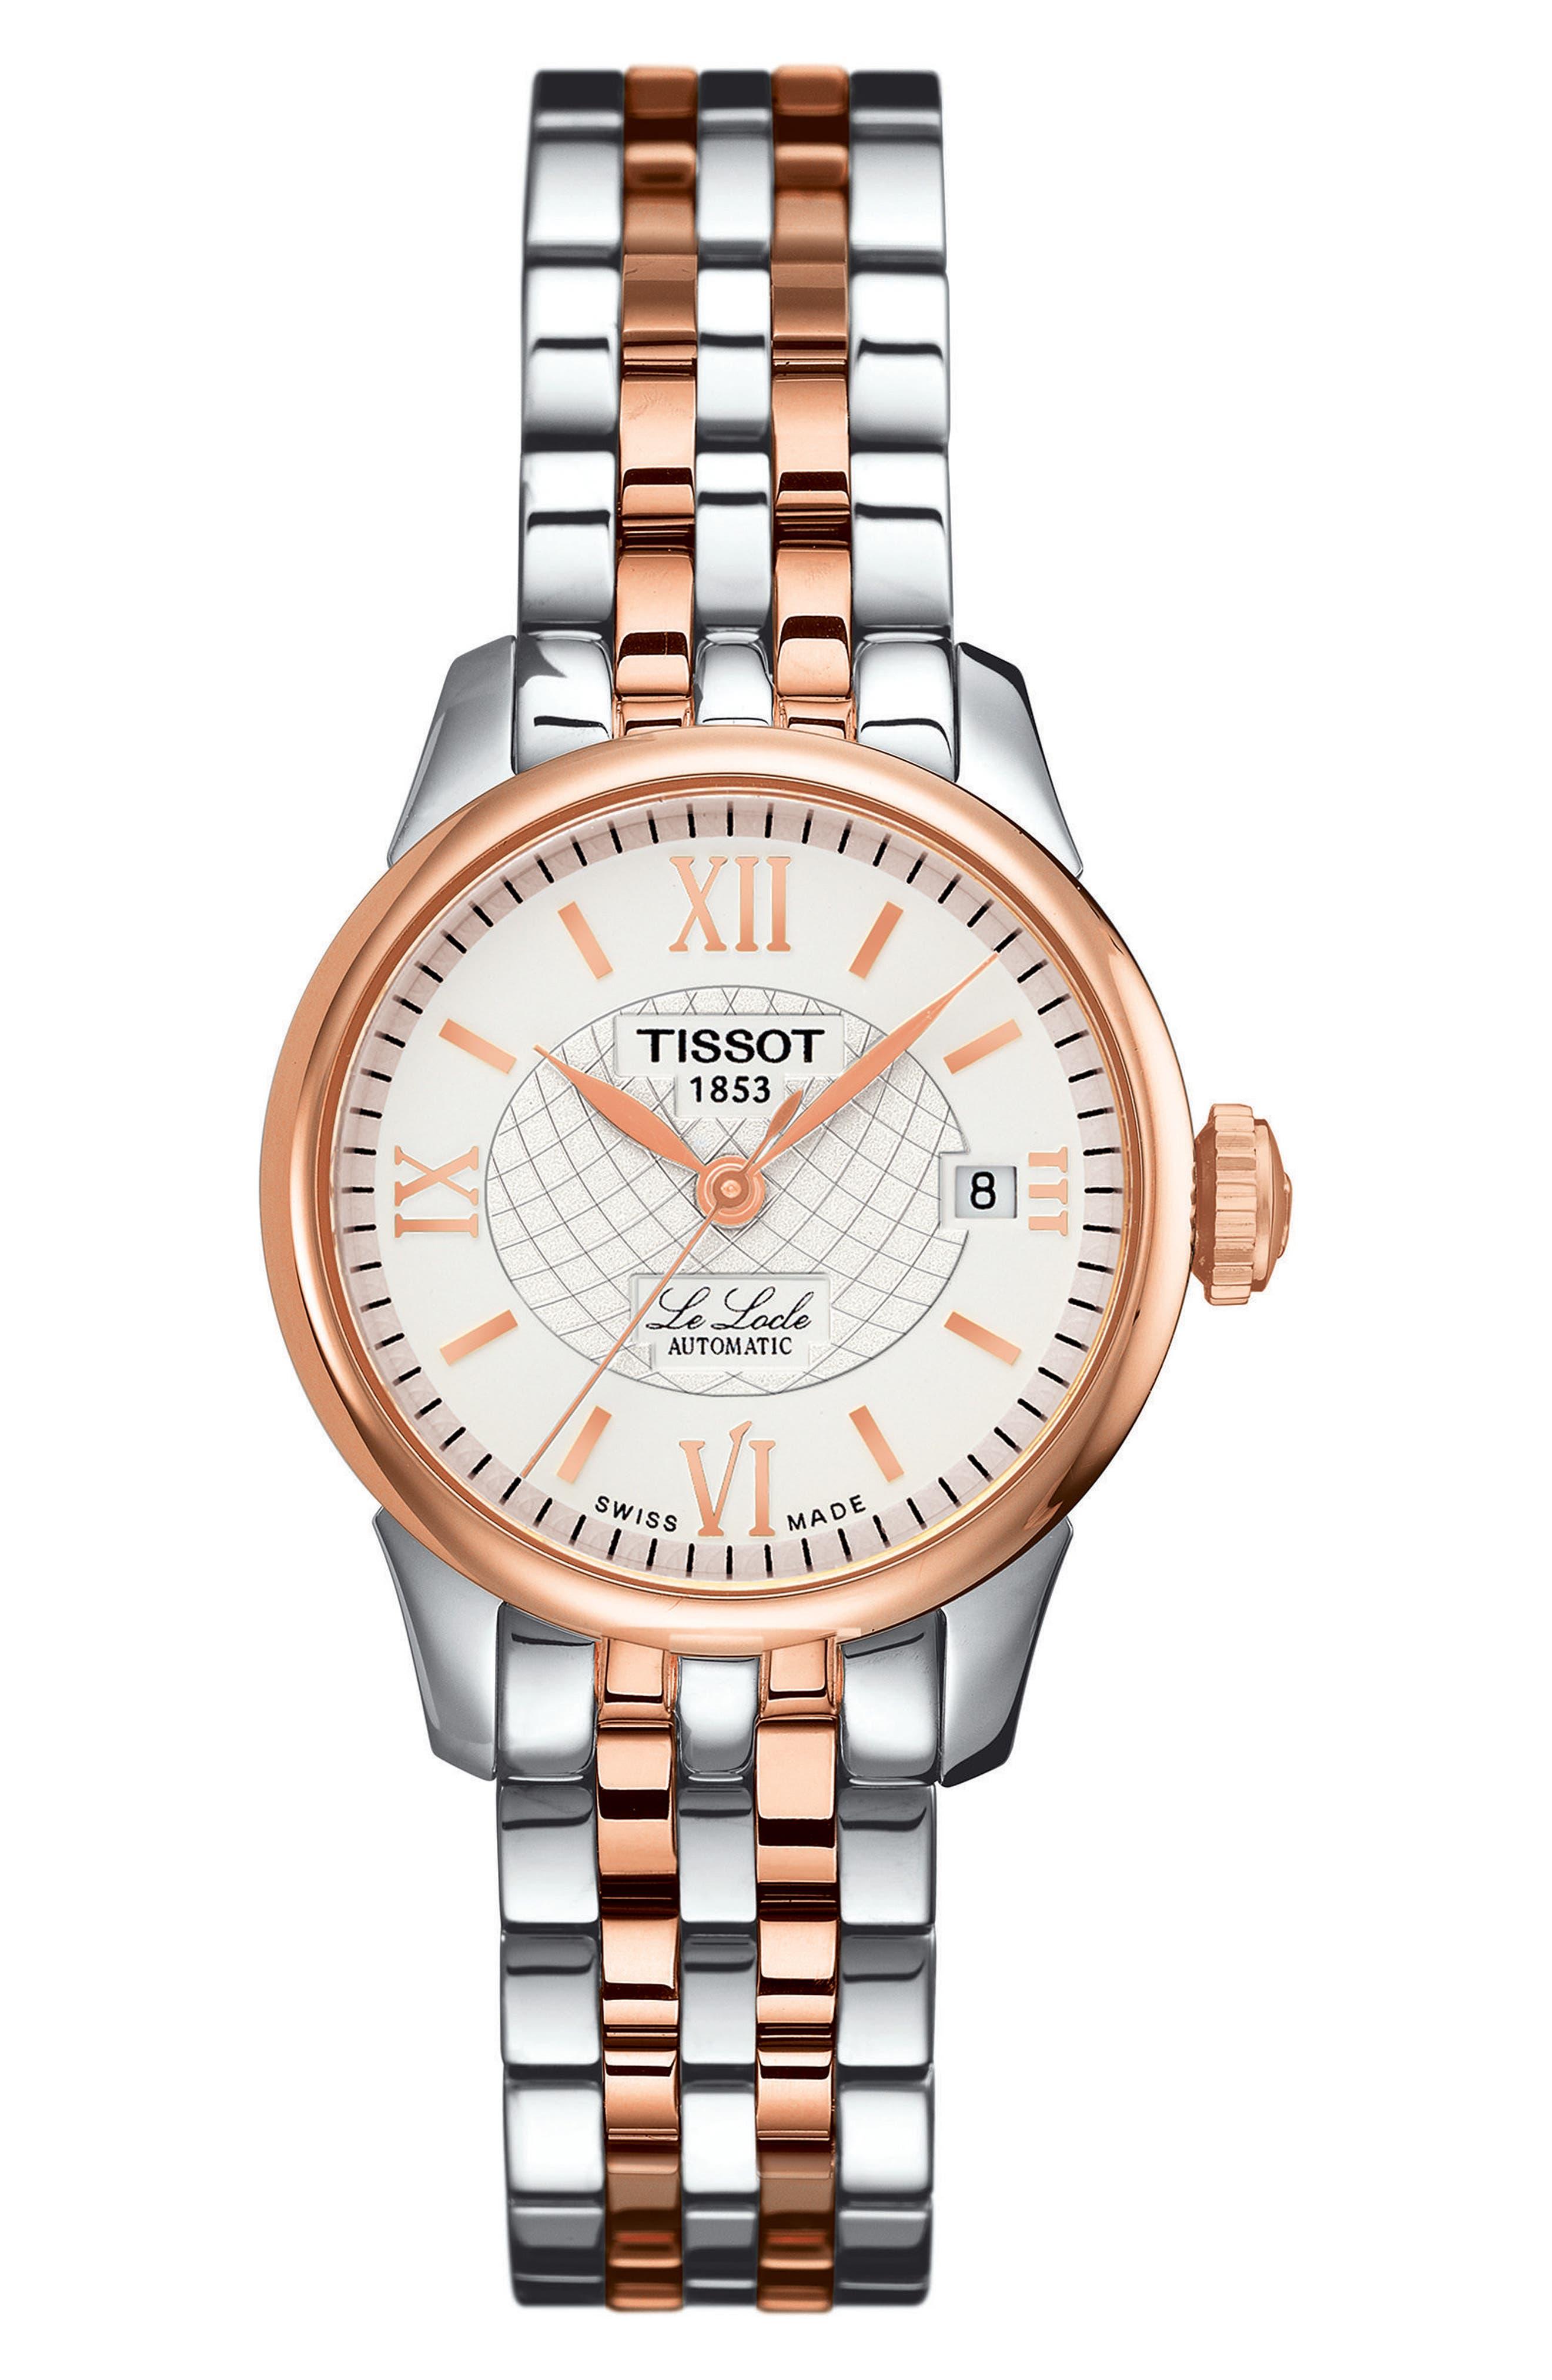 Main Image - Tissot Le Locle Automatic Bracelet Watch, 25mm